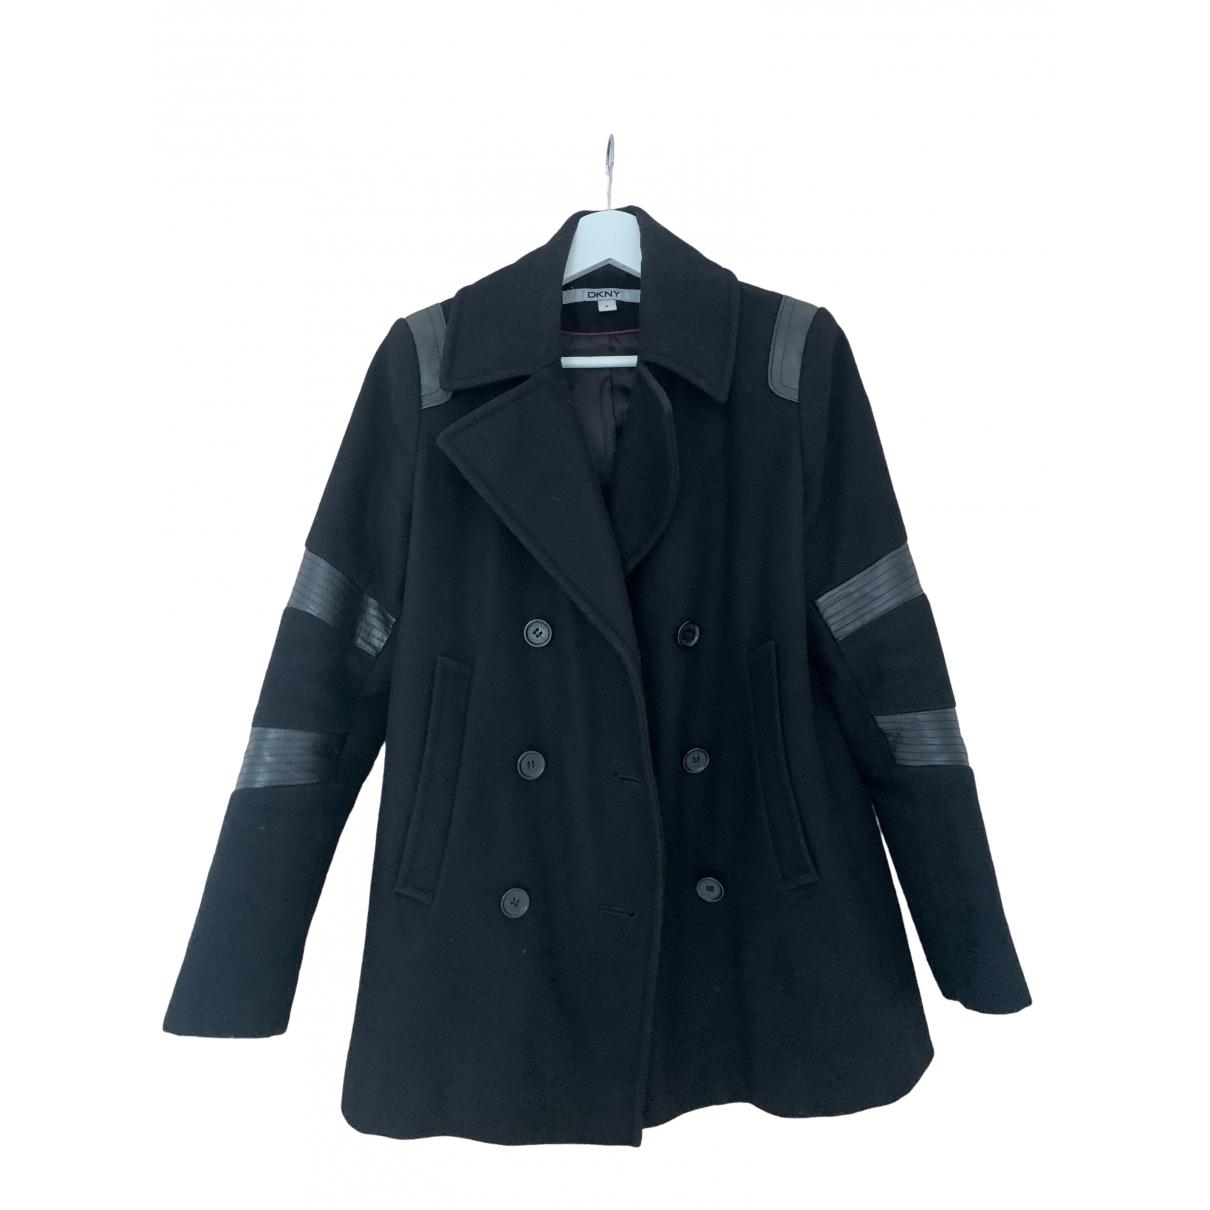 Dkny - Manteau   pour femme en laine - noir